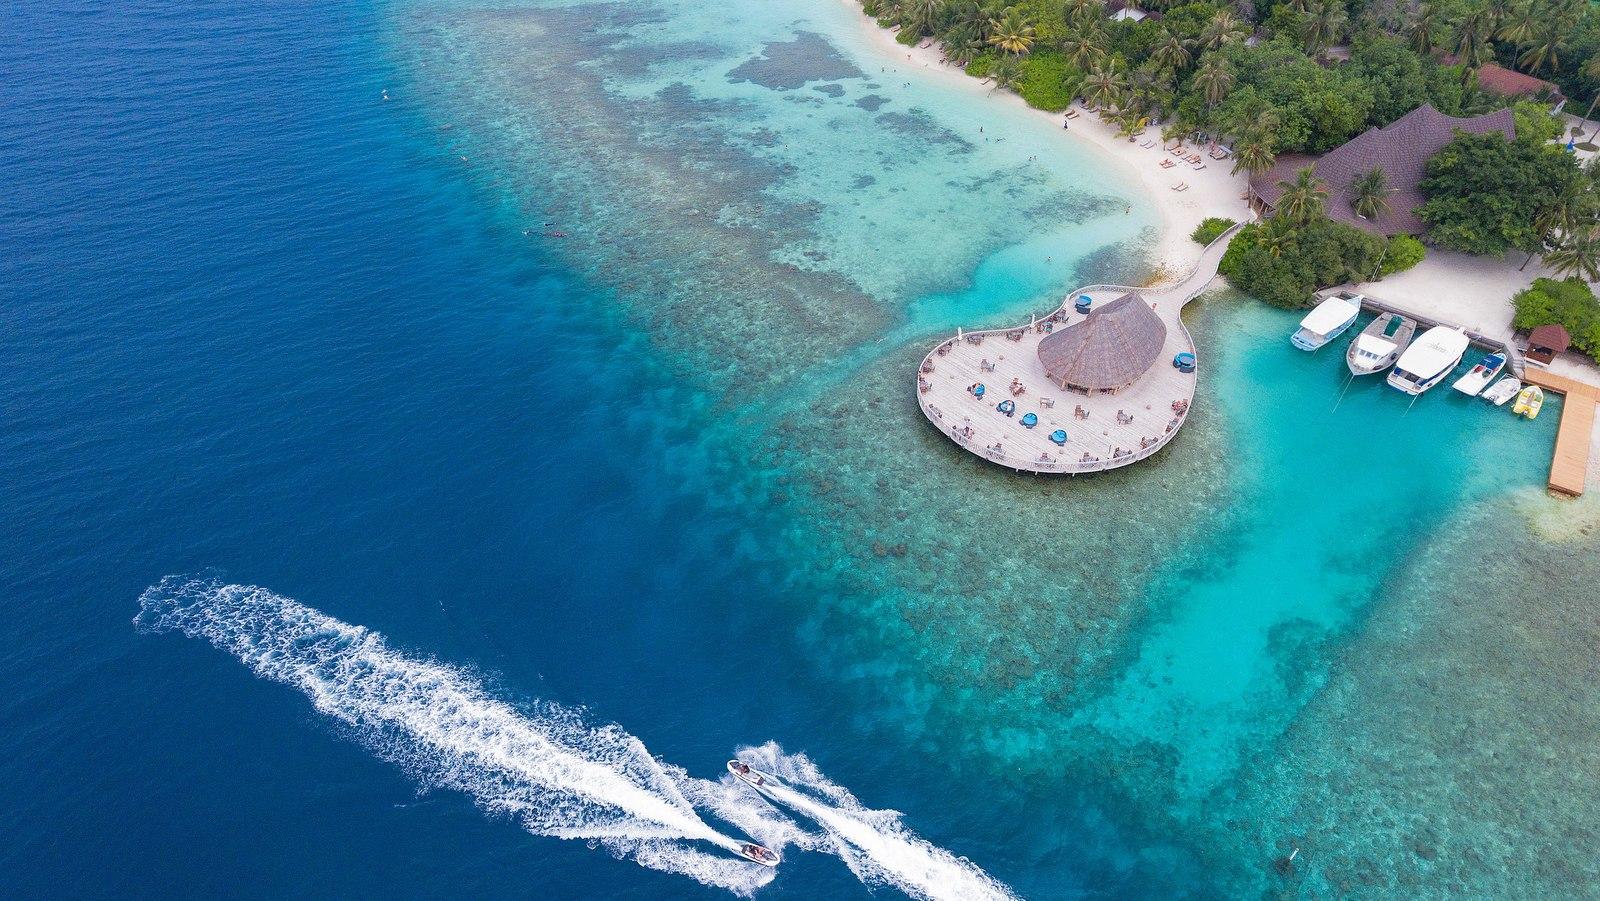 Мальдивы, отель Bandos Maldives, ресторан Huvan